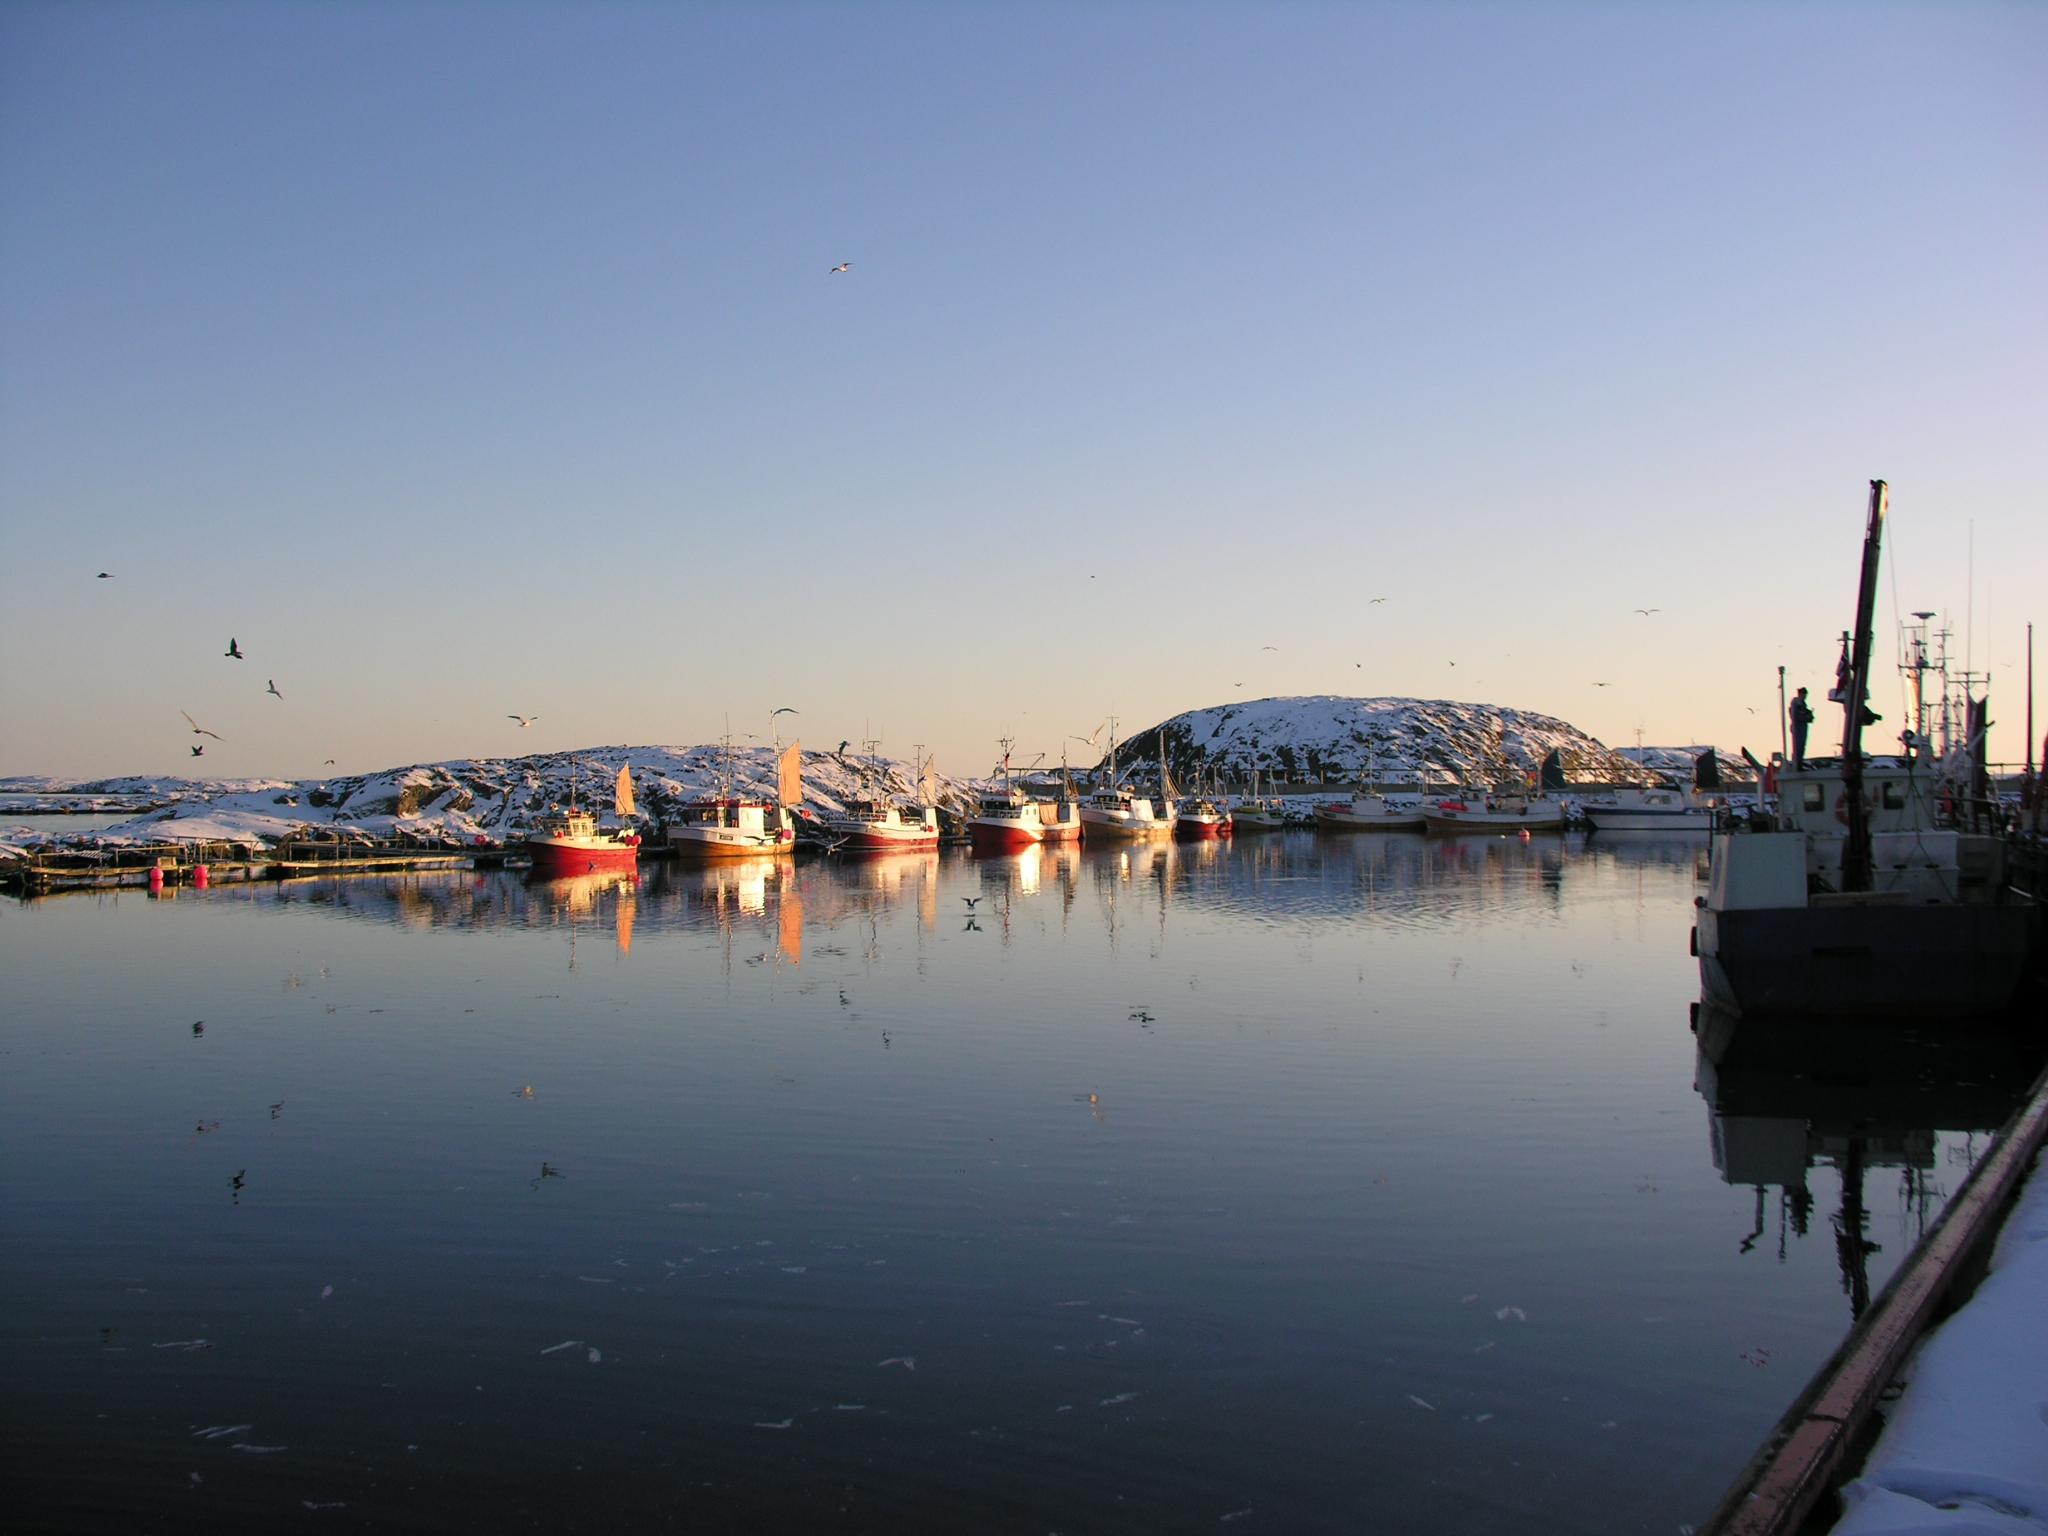 Båter til kai ved Vandsøya i VIkna, Namdalen, Namdalskyten, Trøndelag. Gjestehavn. Foto: Anne Grete Walaunet.